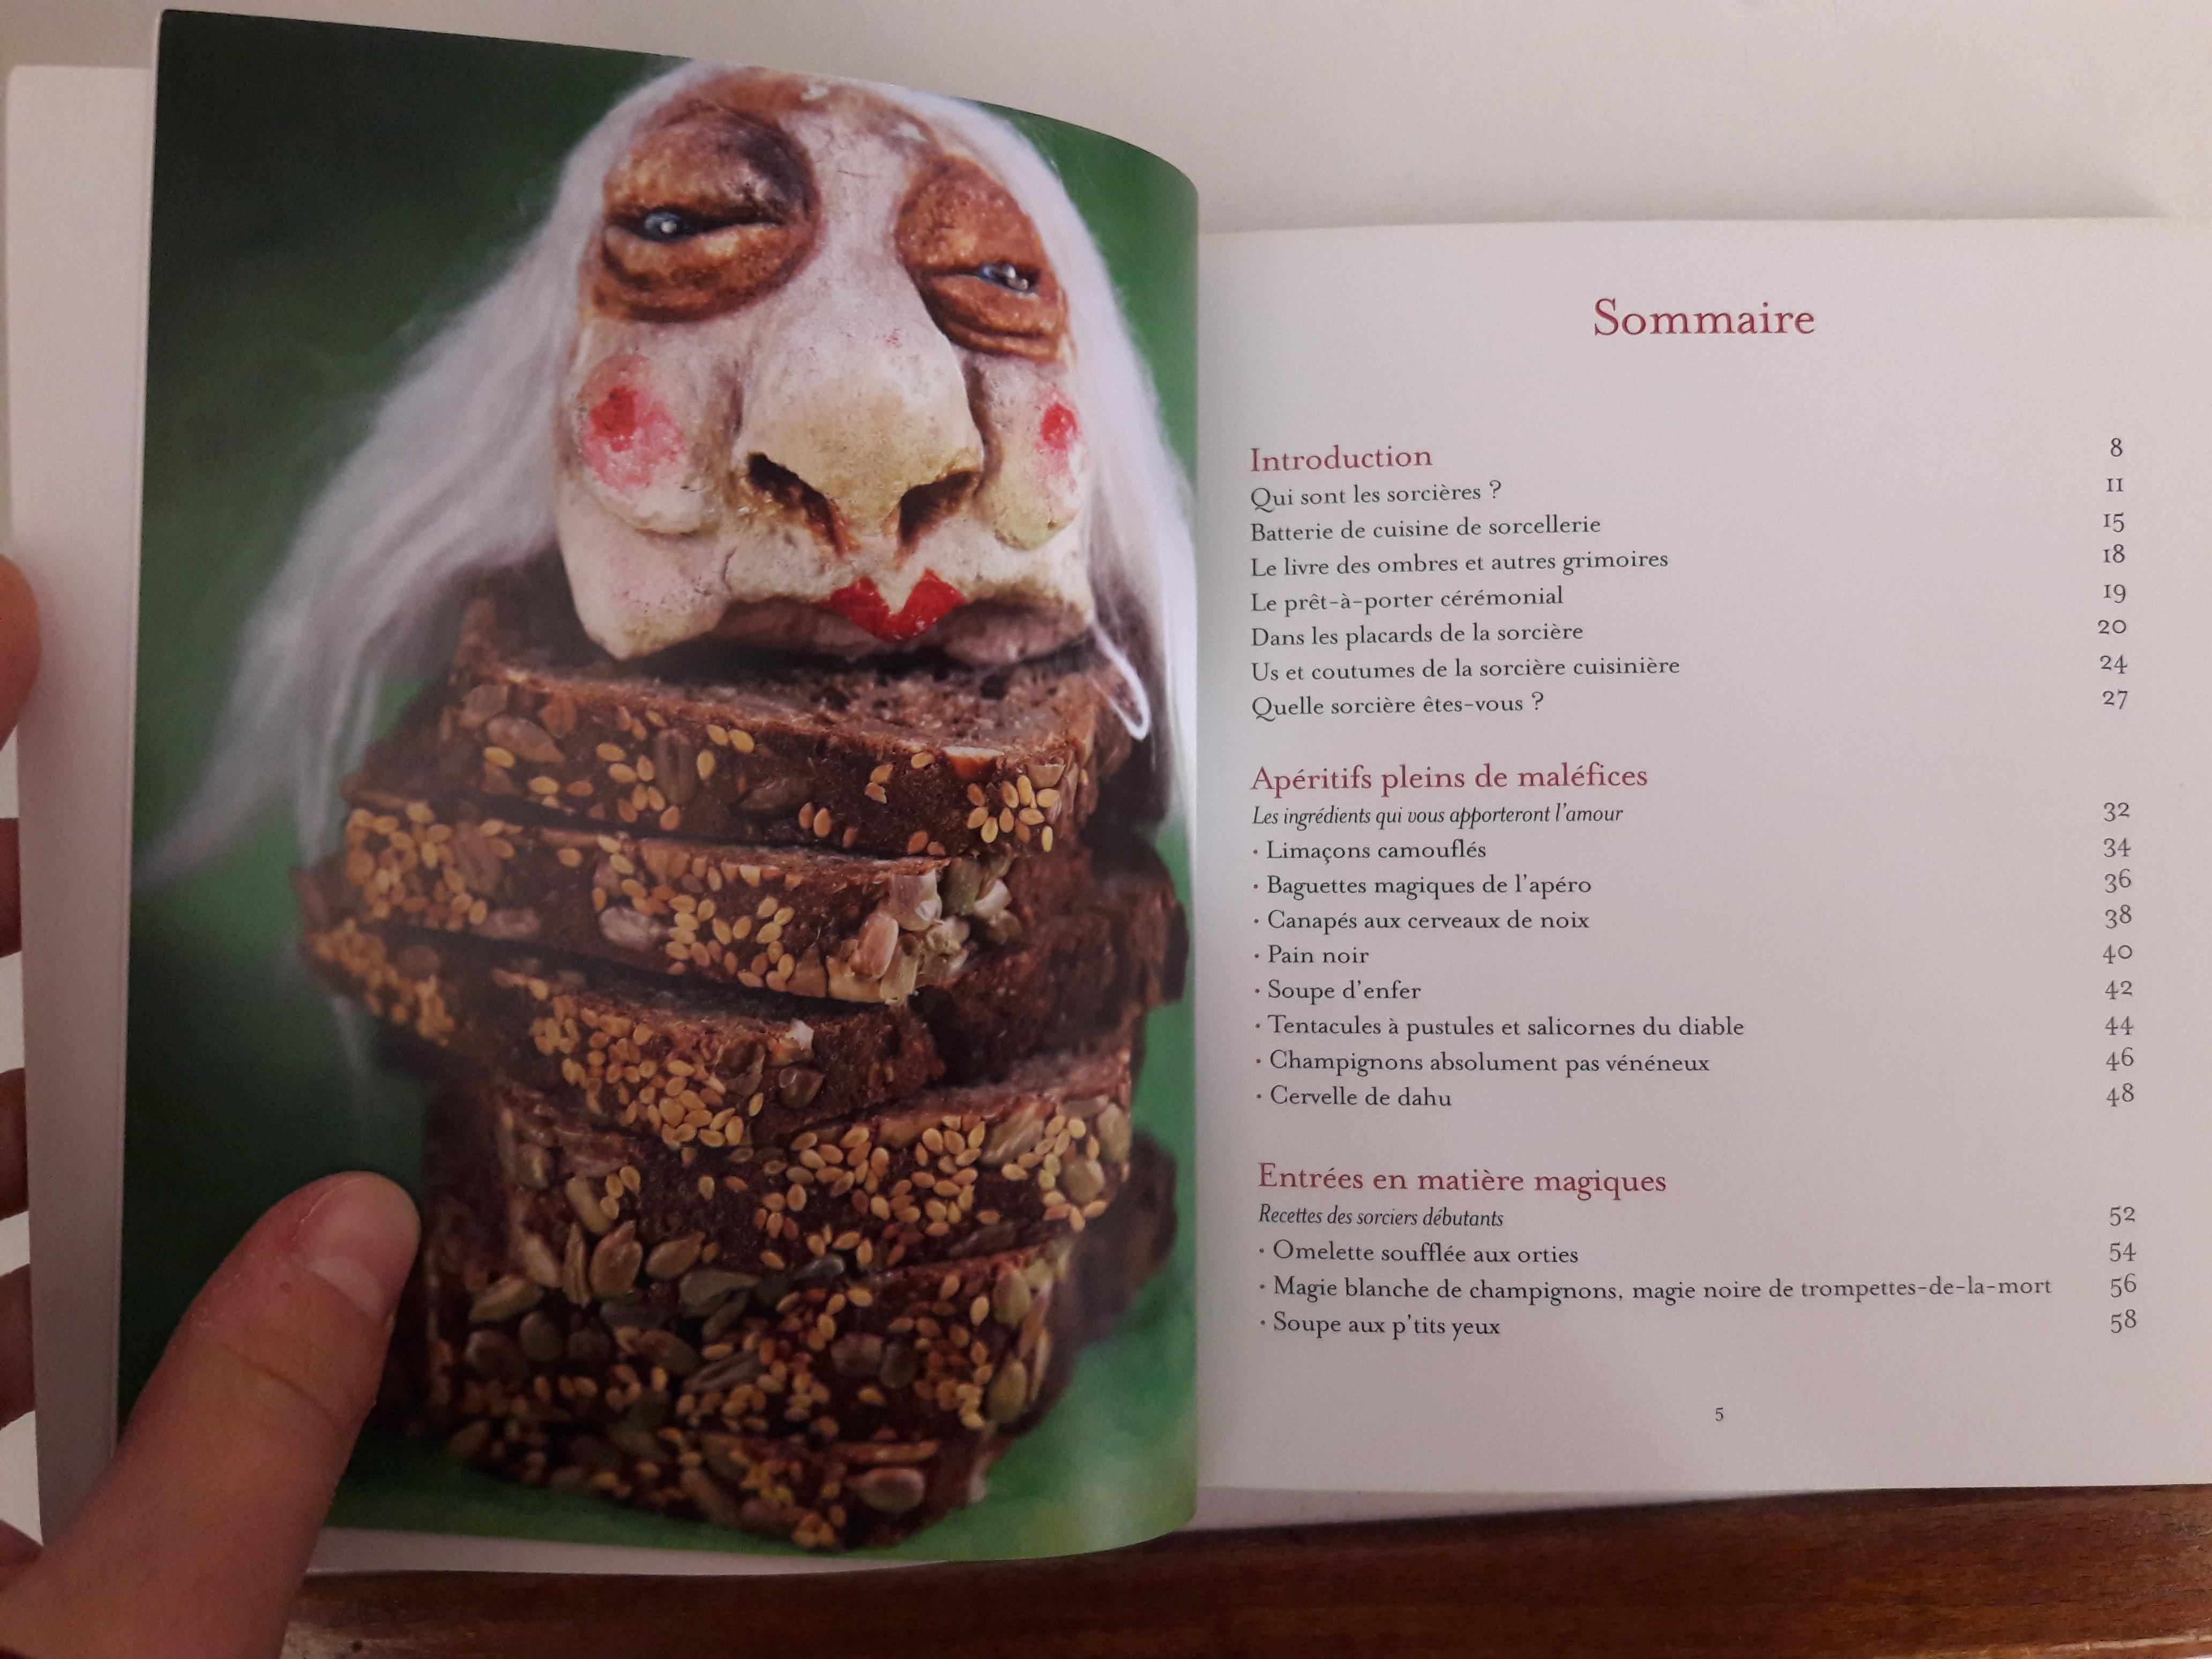 """troc de troc livre """"recettes magiques à l'usage des sorcières"""" image 2"""